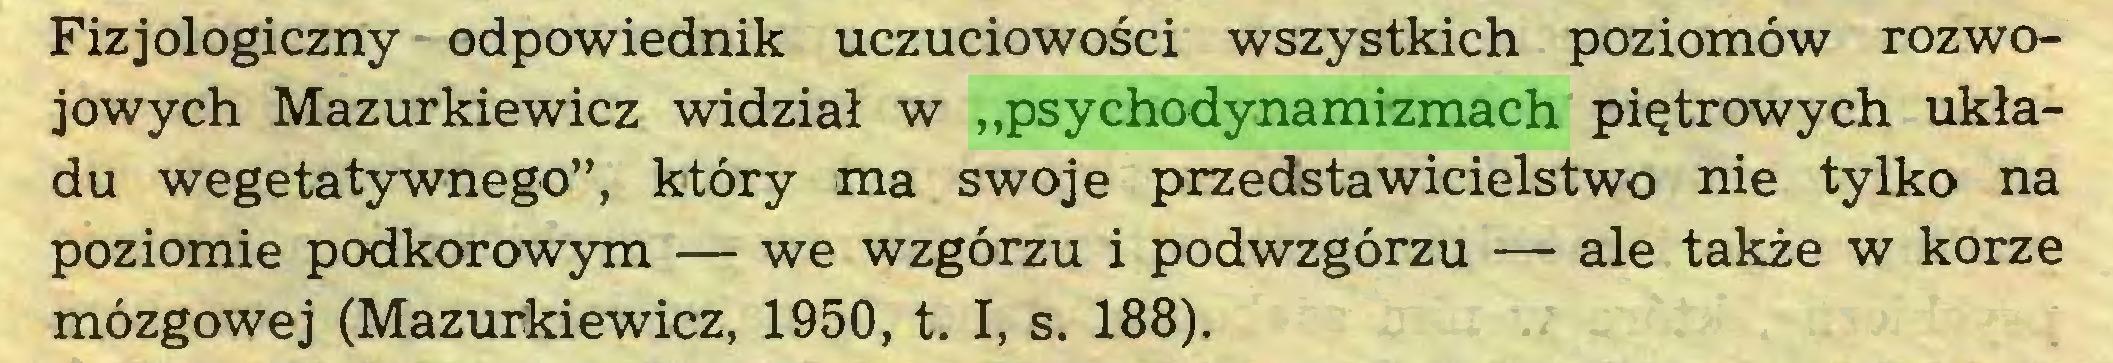 """(...) Fizjologiczny odpowiednik uczuciowości wszystkich poziomów rozwojowych Mazurkiewicz widział w """"psychodynamizmach piętrowych układu wegetatywnego"""", który ma swoje przedstawicielstwo nie tylko na poziomie podkorowym — we wzgórzu i podwzgórzu — ale także w korze mózgowej (Mazurkiewicz, 1950, t. I, s. 188)..."""